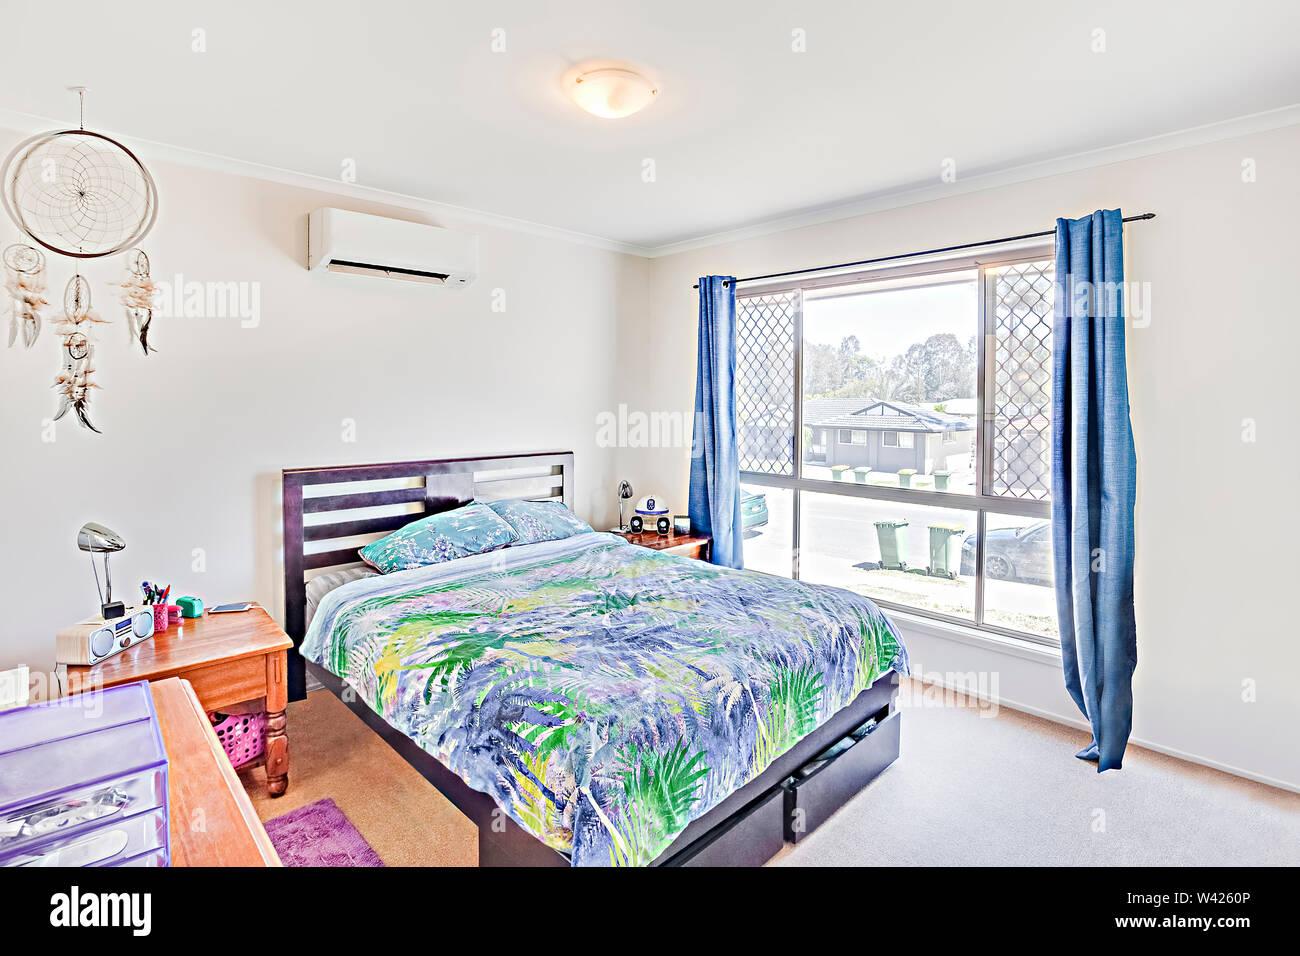 Master di moderno design letto con cuscino, letto confortevole con disegni, le pareti sono di colore bianco e i cuscini sono belli, all'interno della camera di un appartamento. Immagini Stock